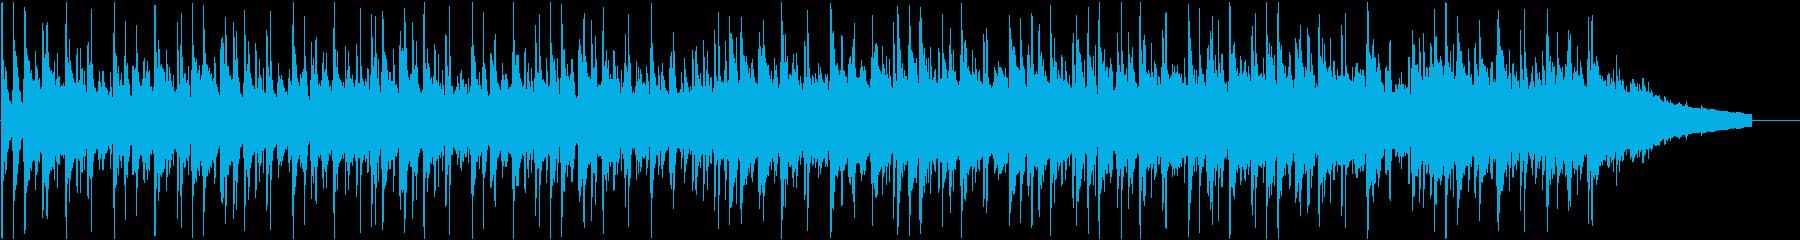 アコギ生演奏希望と大地をイメージの再生済みの波形